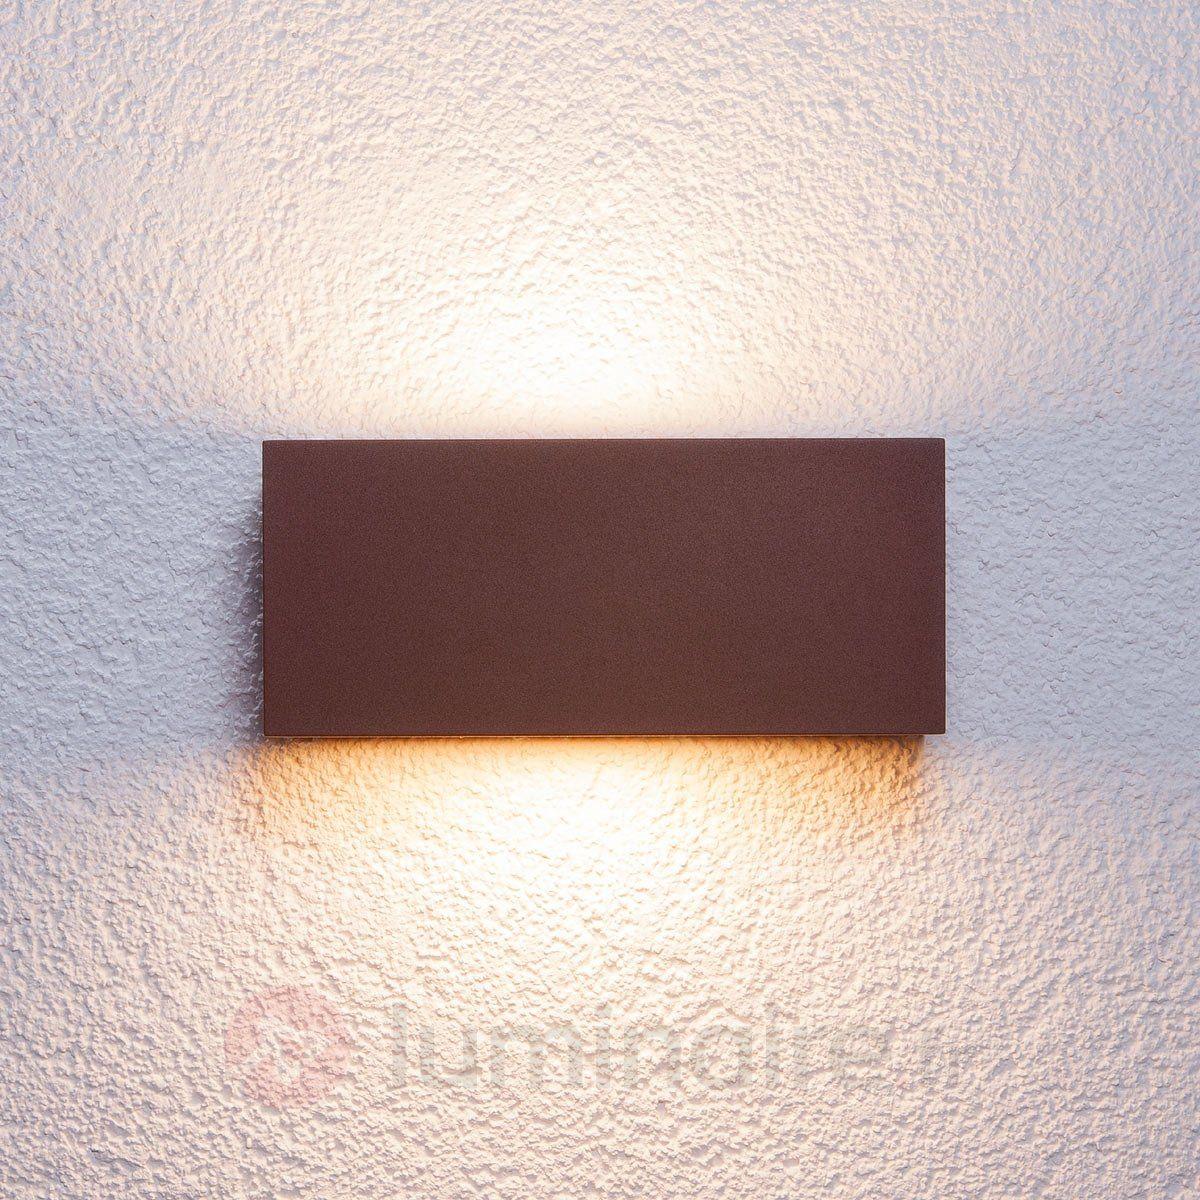 Rayon Ronde 9 W Extérieur DEL niveau faible mur lumière ou pas de lumière en Graphite